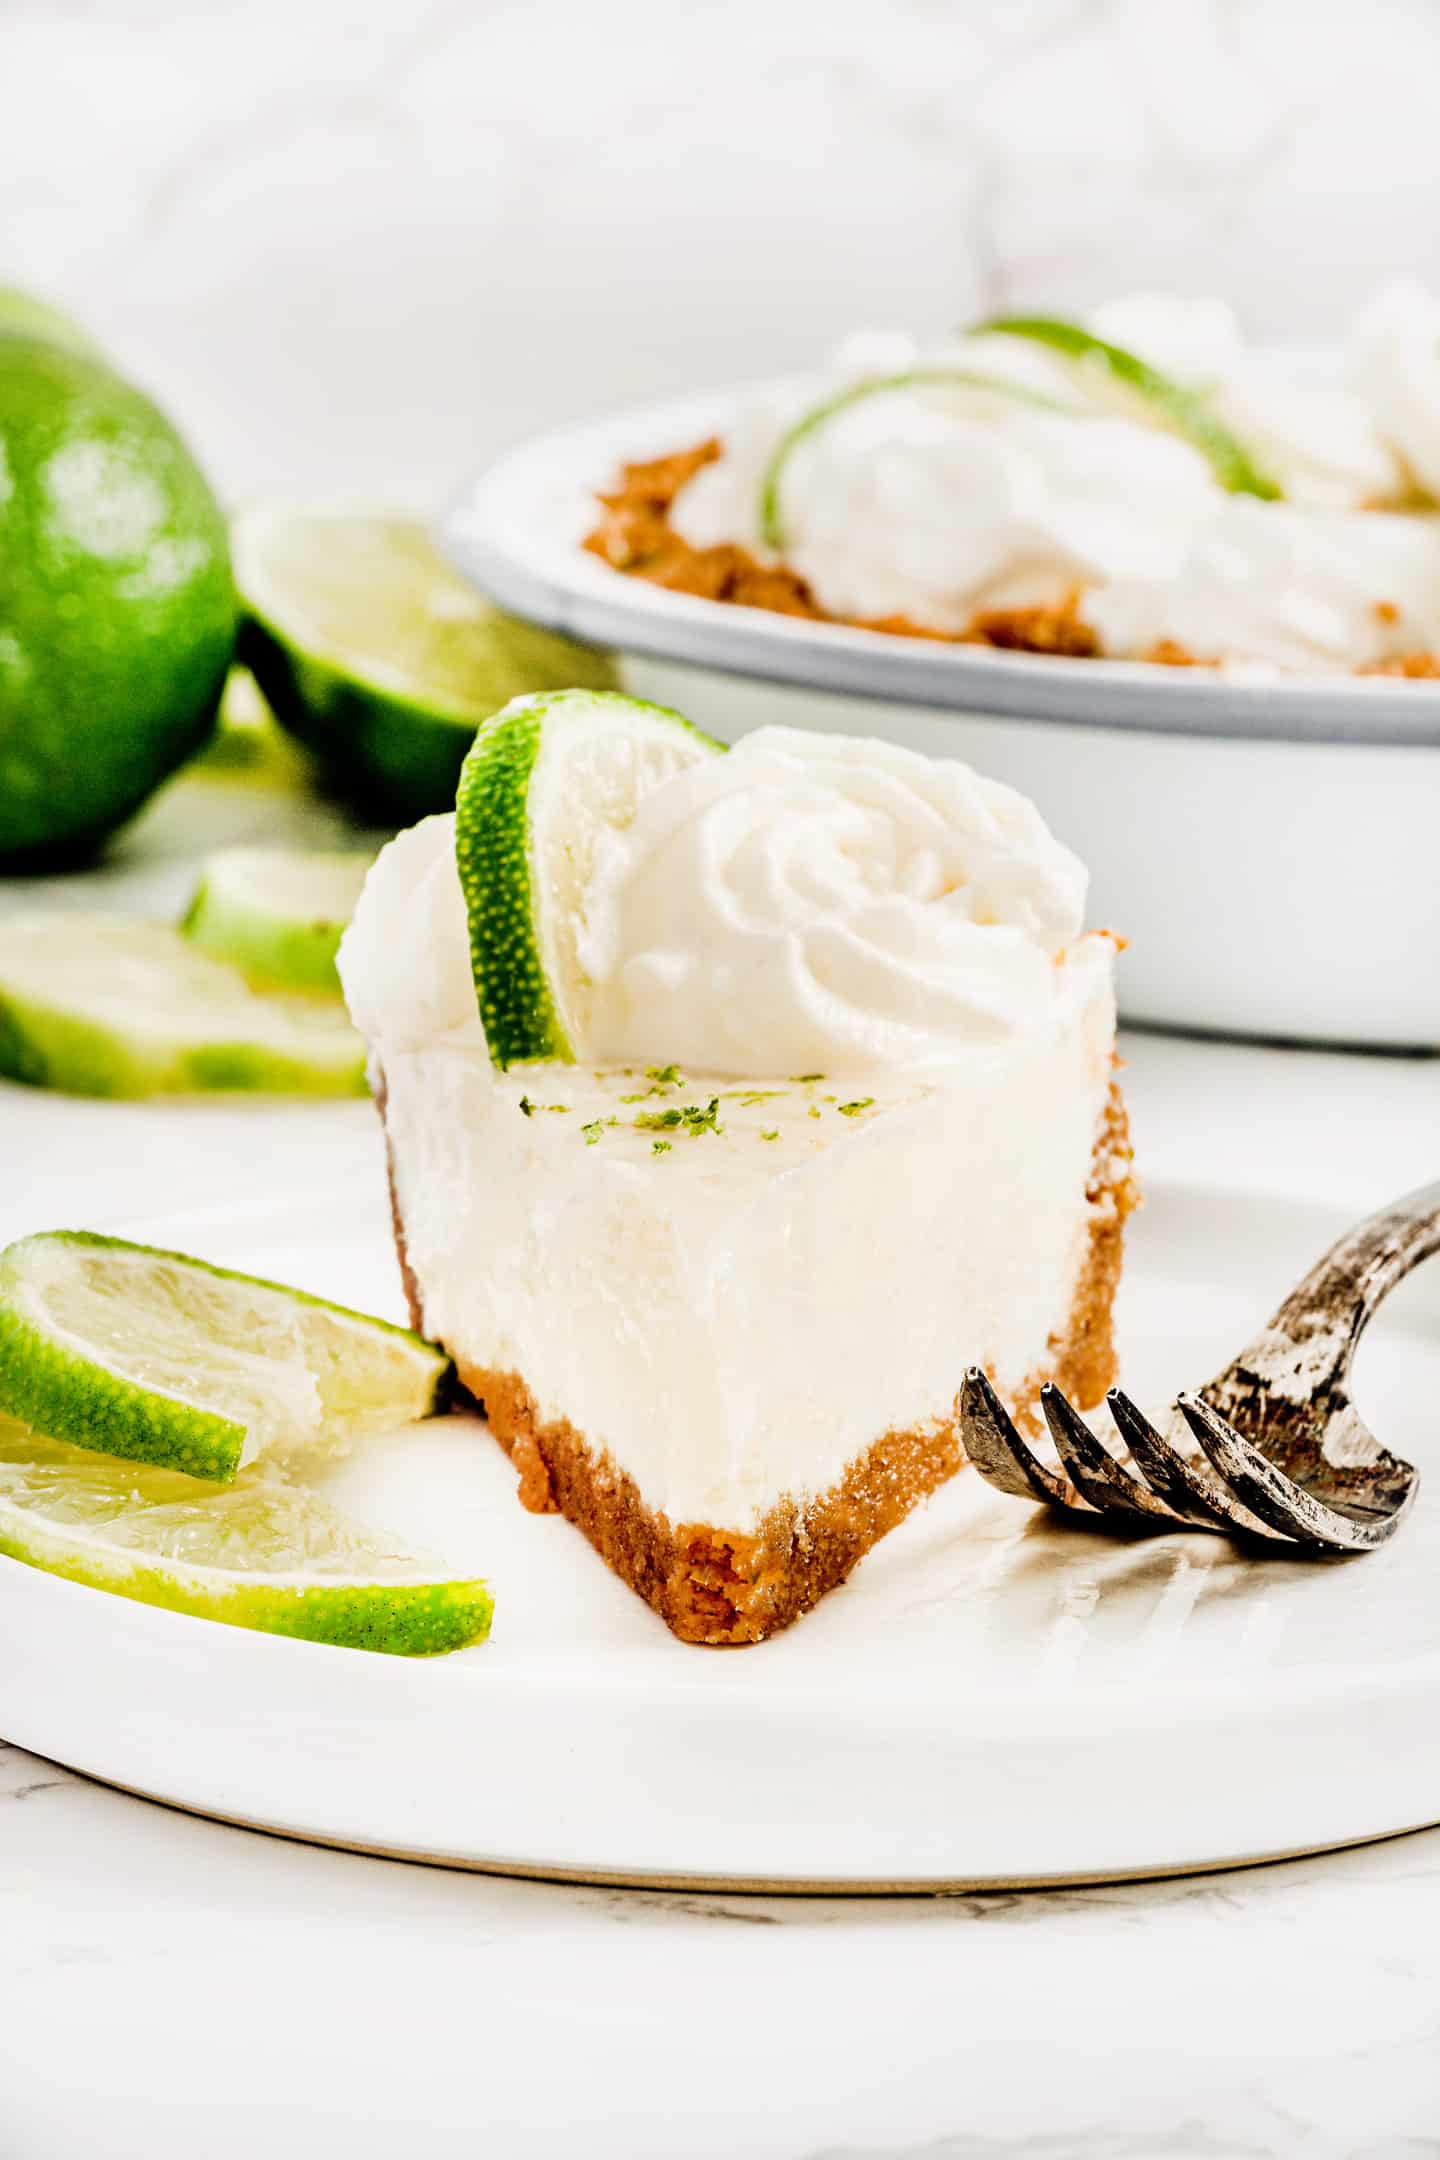 Meilleure recette de key lime pie